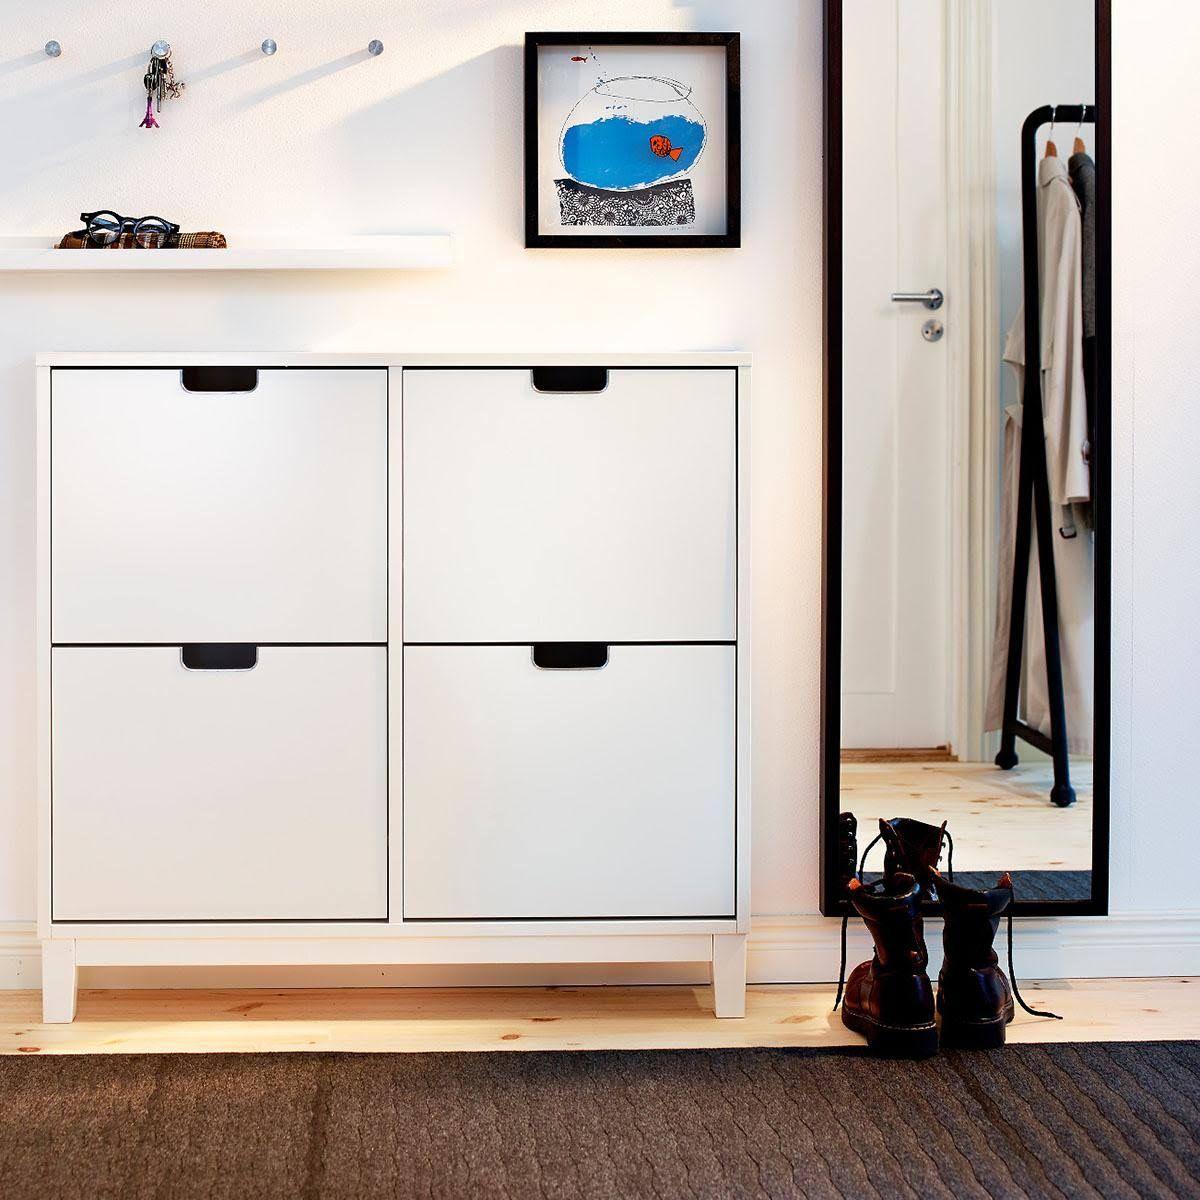 schuhschr nke und schuhregale f r den flur schuhschrank pinterest. Black Bedroom Furniture Sets. Home Design Ideas